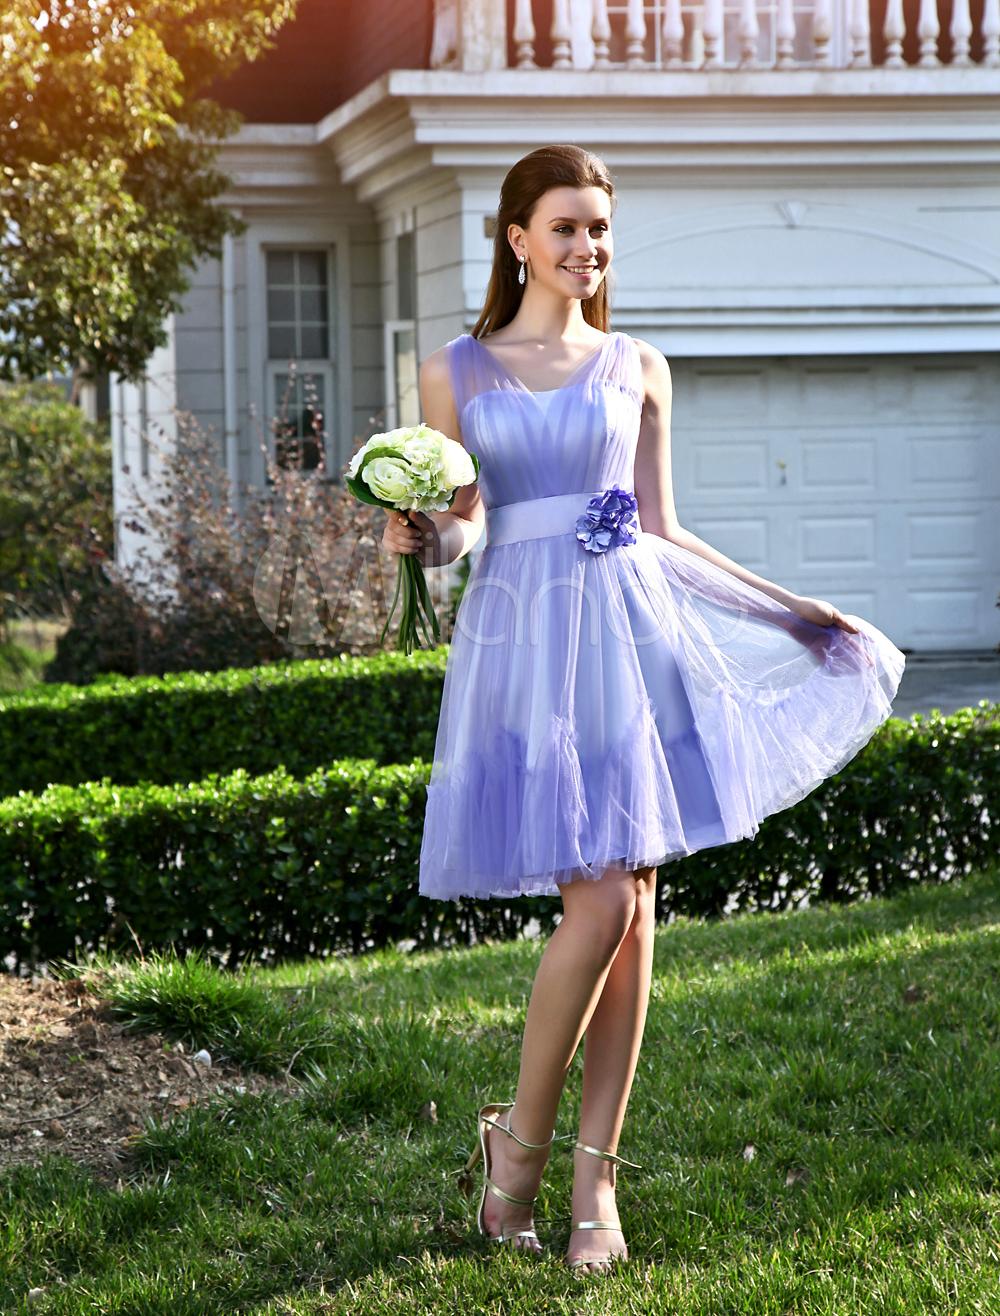 Charming-A-line-Lavender-Tulle-Flower-V-Neck-Knee-Length-Womens-Prom-Dress-282300-1298684